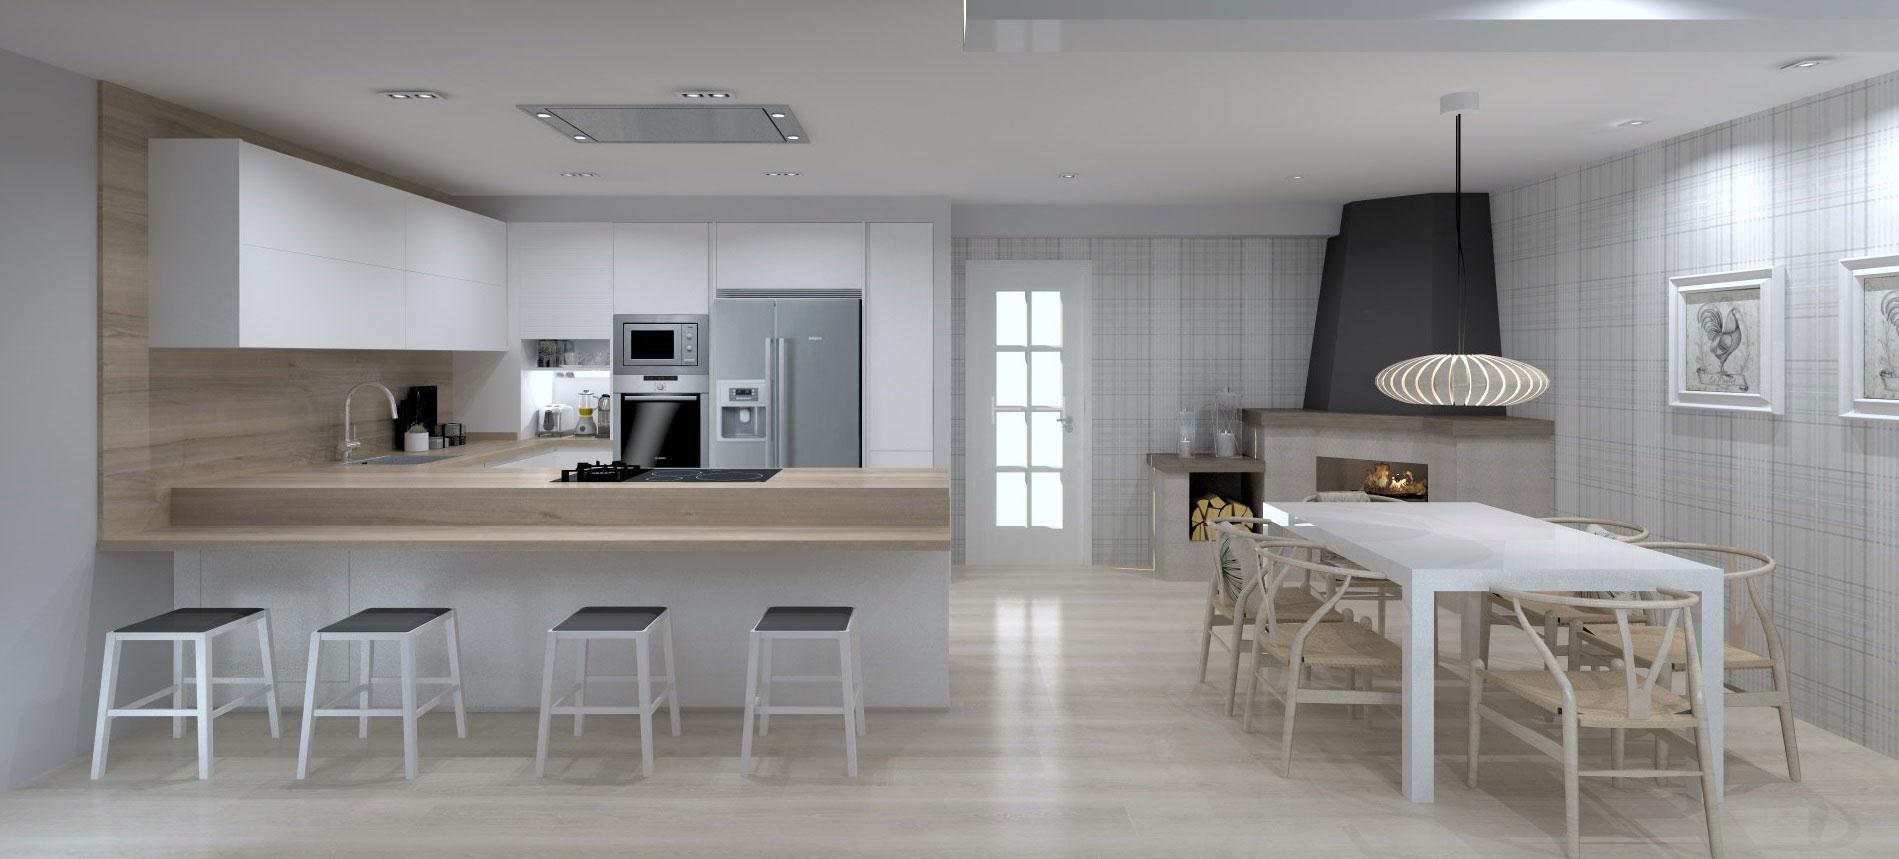 Proyecto Santiago Interiores - Una cocina para vivir - Cocinas Santos